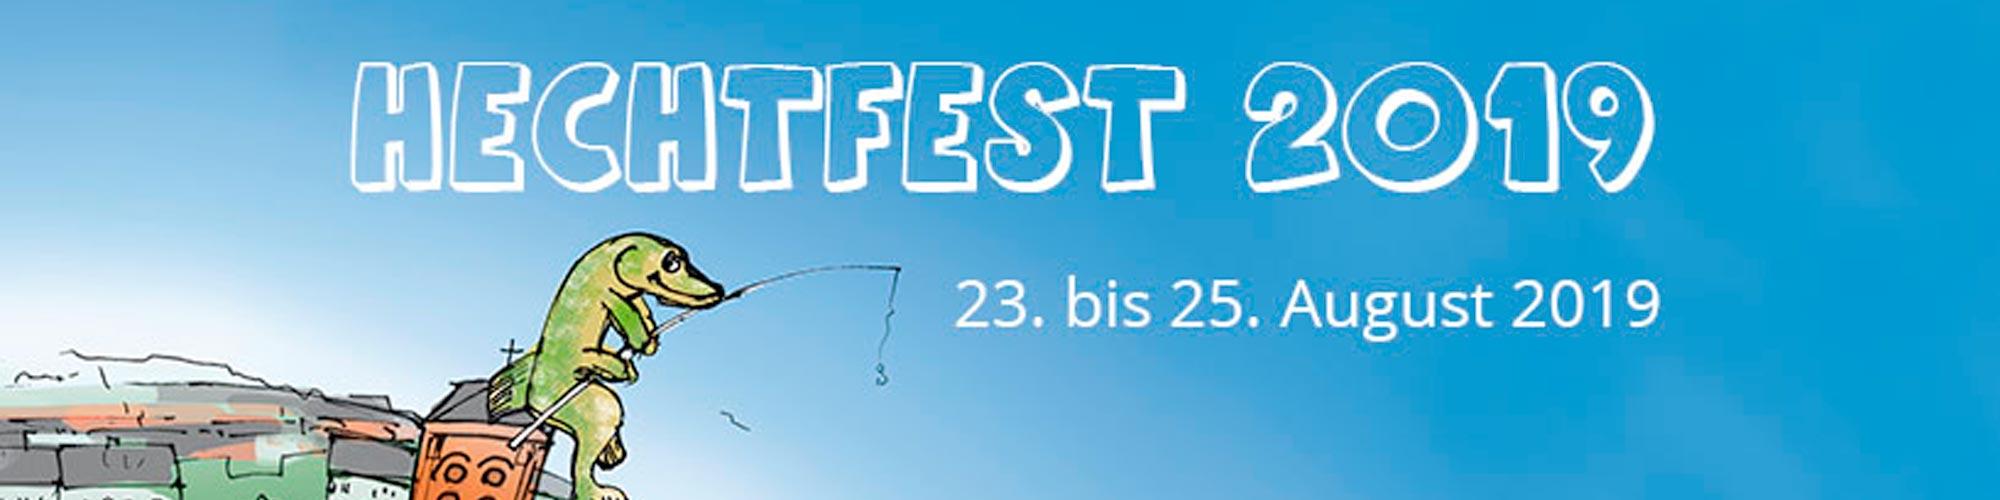 Hechtfest 2019